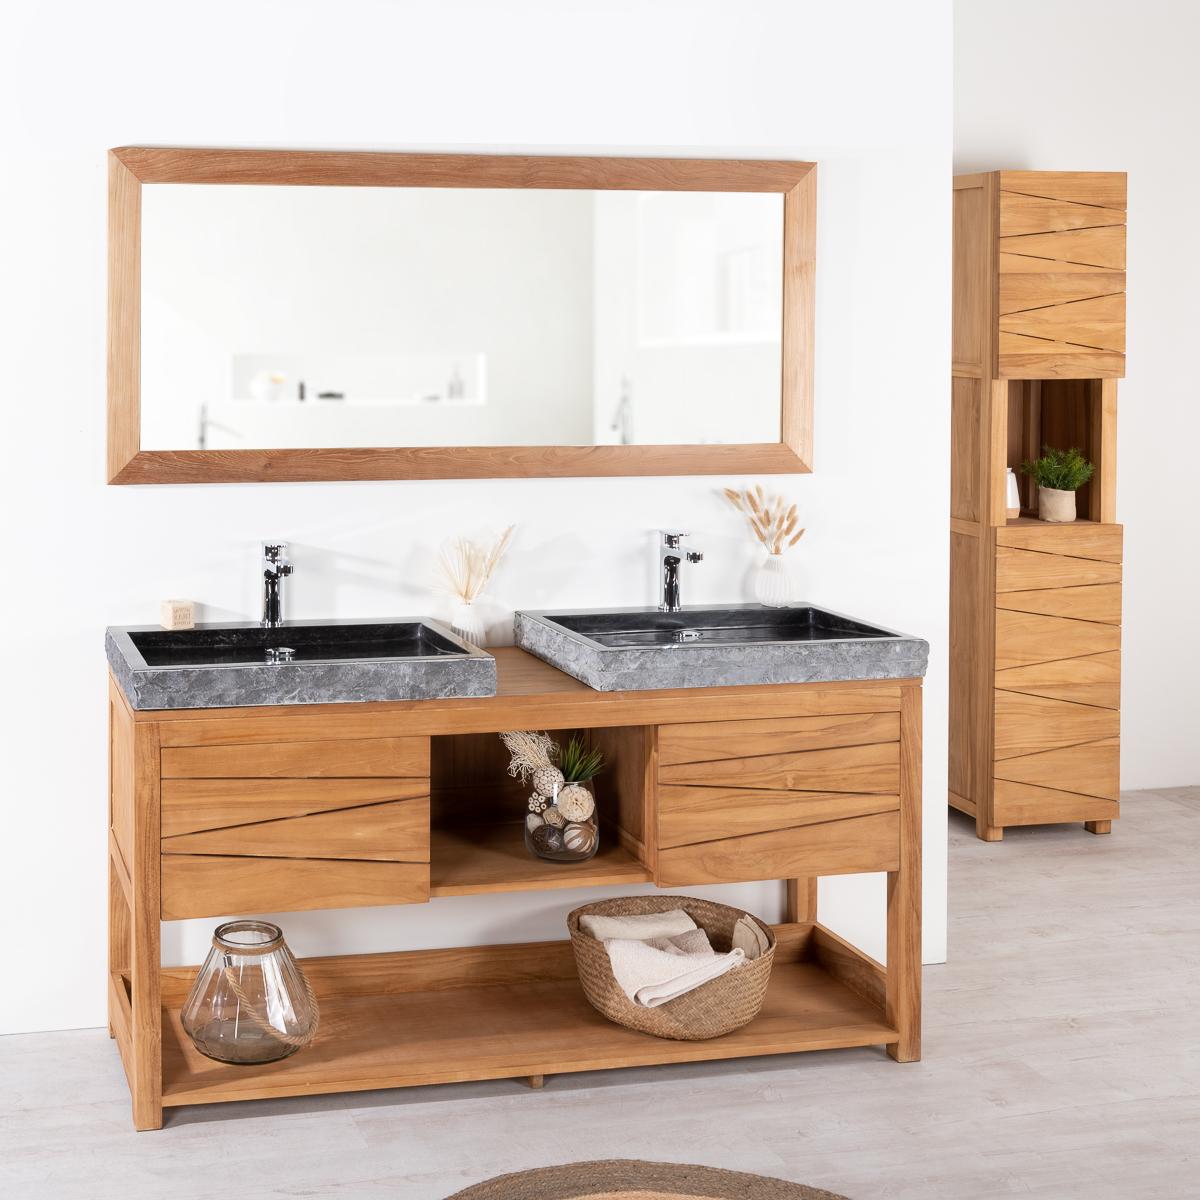 Meuble sous vasque double vasque en bois teck massif 2 vasques en marbr - Meuble facilite de paiement ...